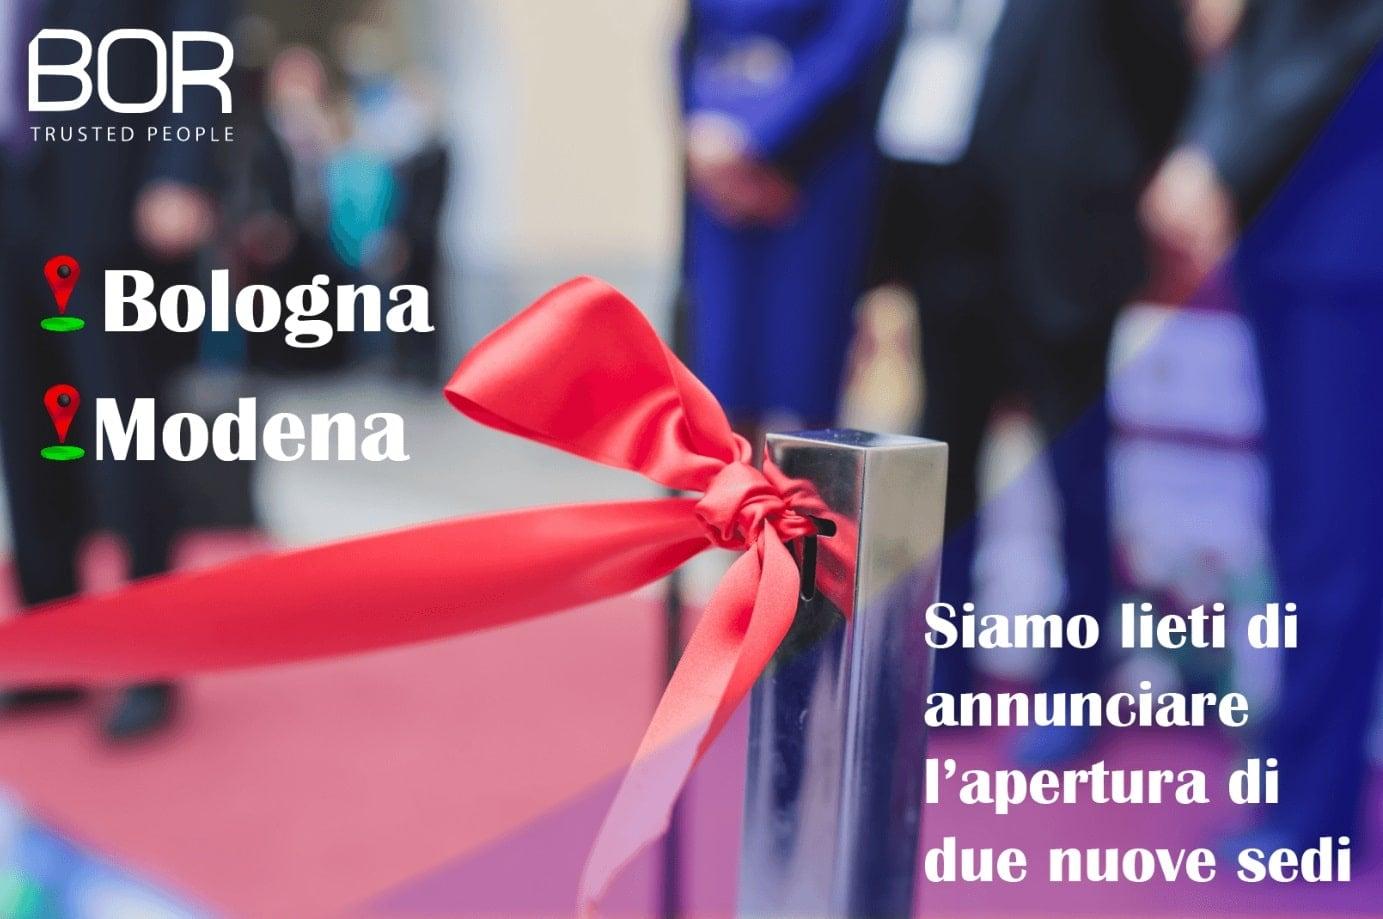 Apertura nuove sedi a Modena e Bologna